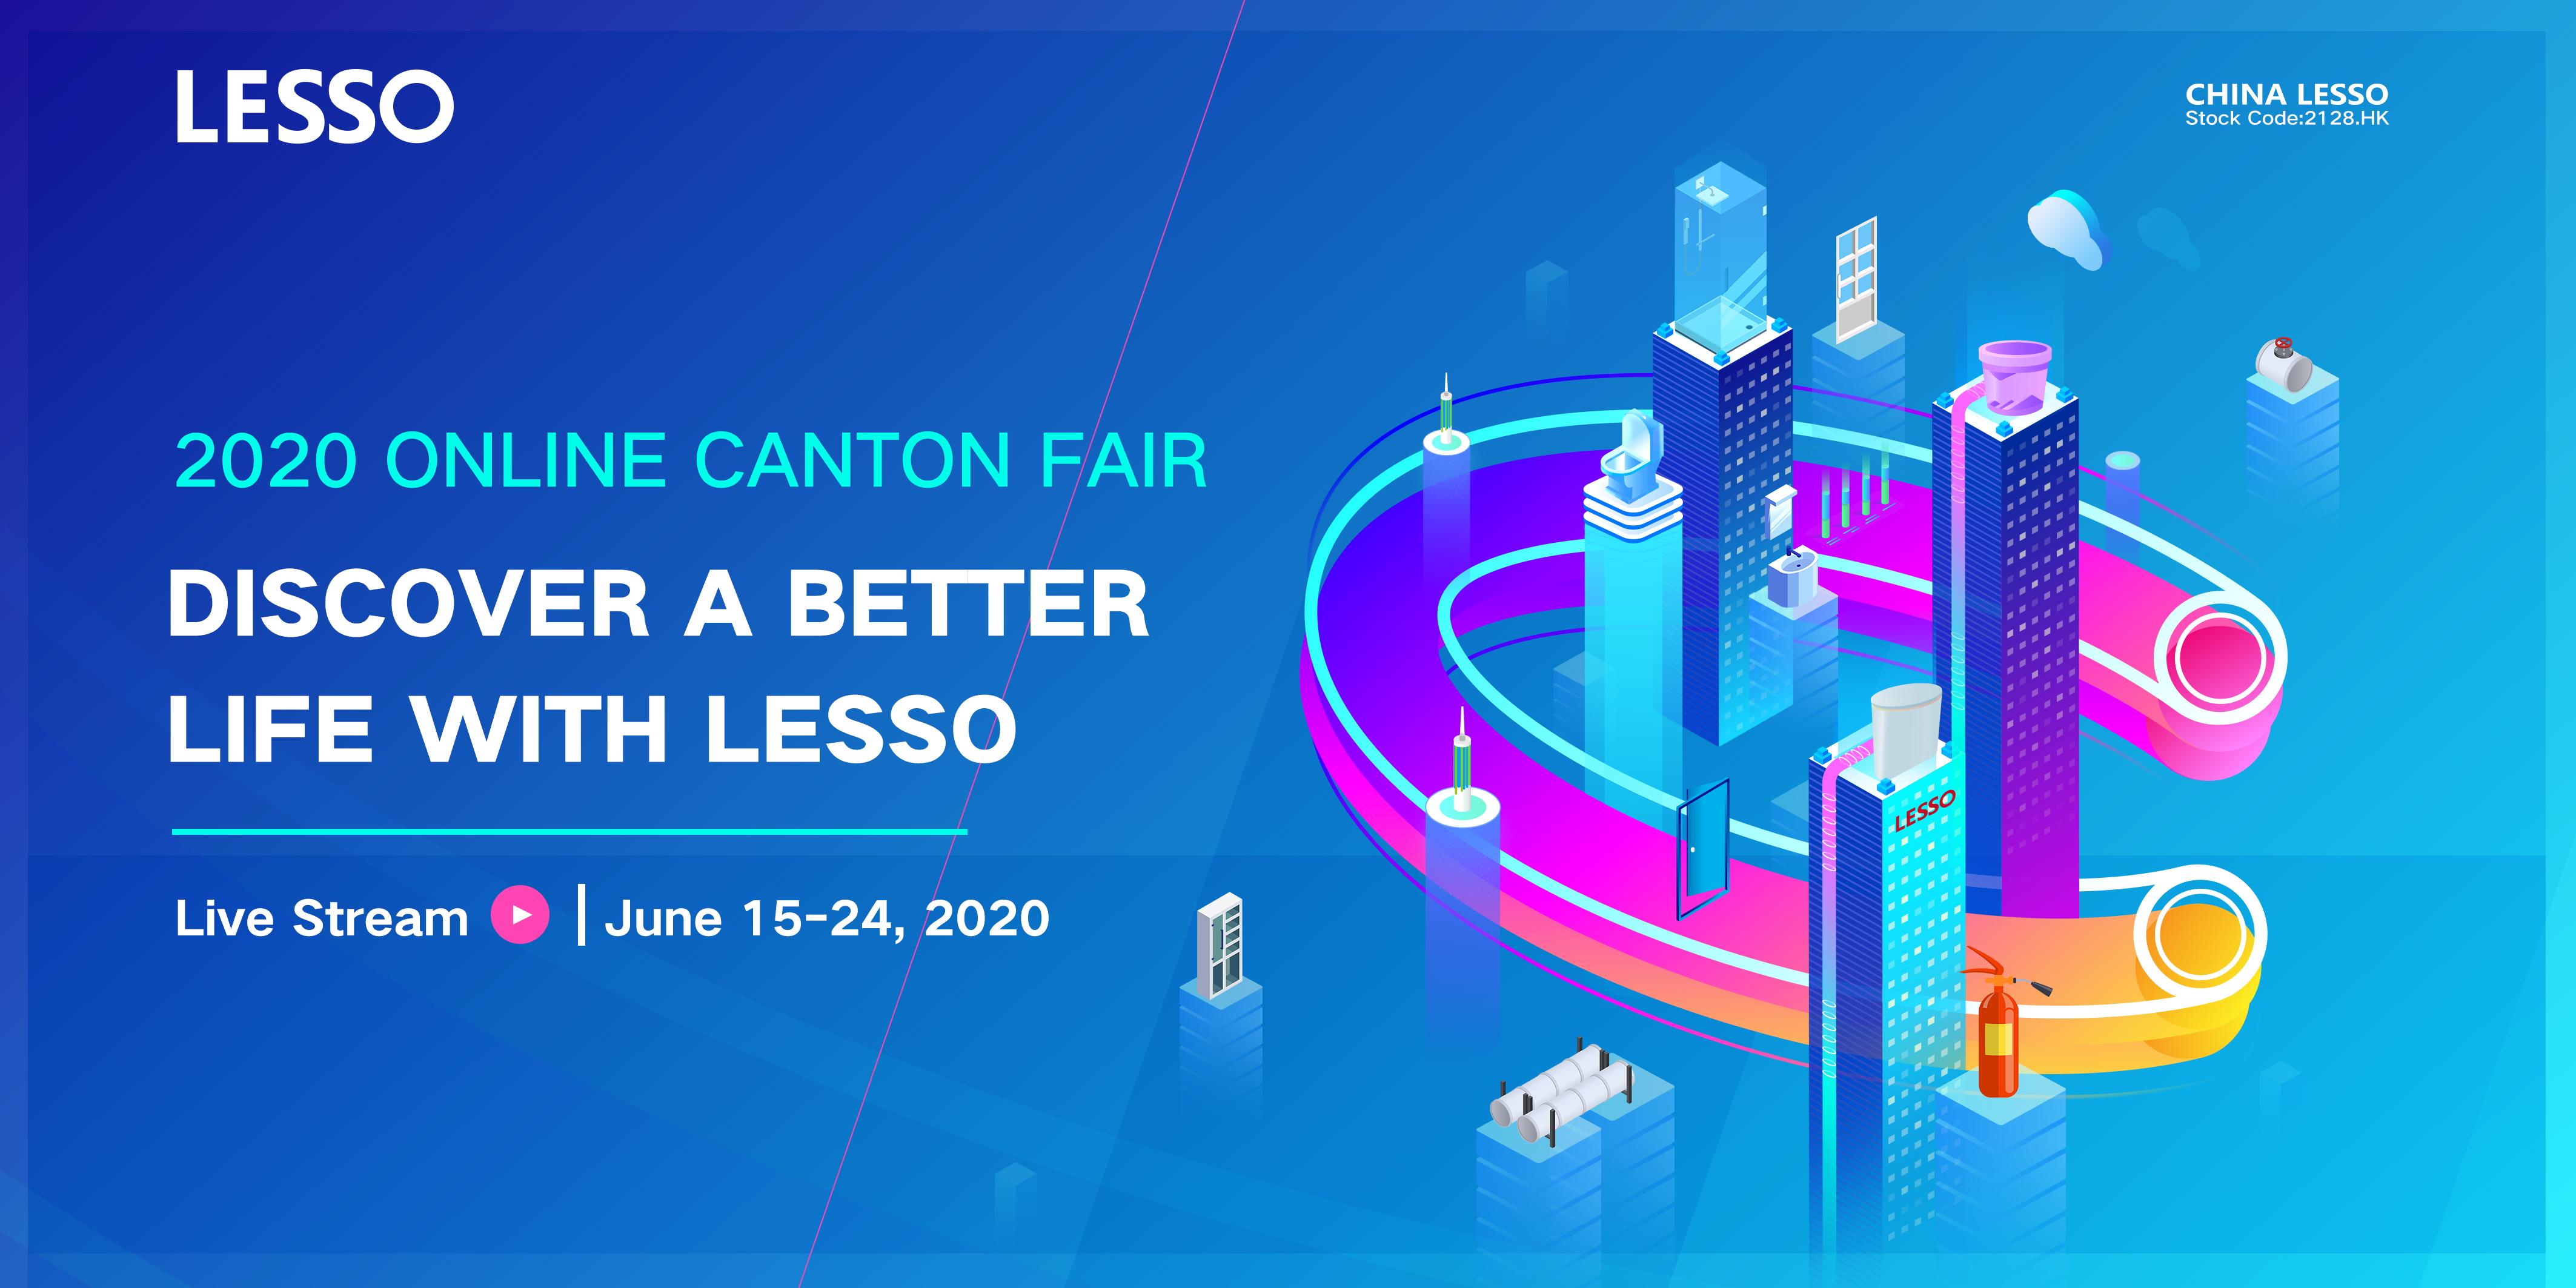 Lesso 2020 LESSO ONLINE CANTON FAIR